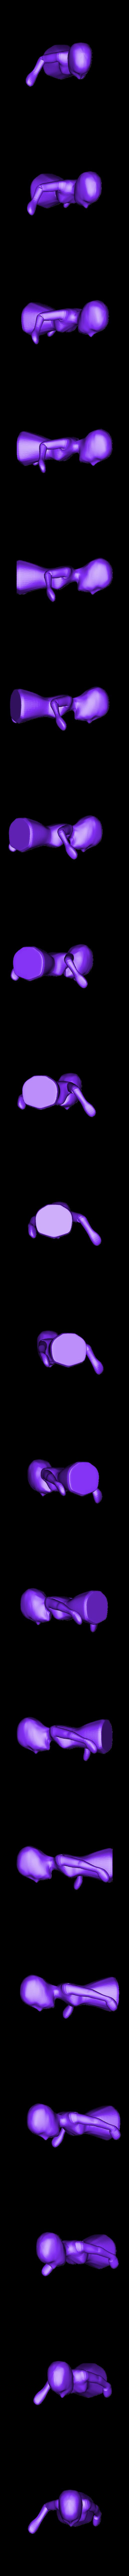 figure_test.stl Télécharger fichier STL gratuit expérience figurine • Plan pour impression 3D, aevafortinhi